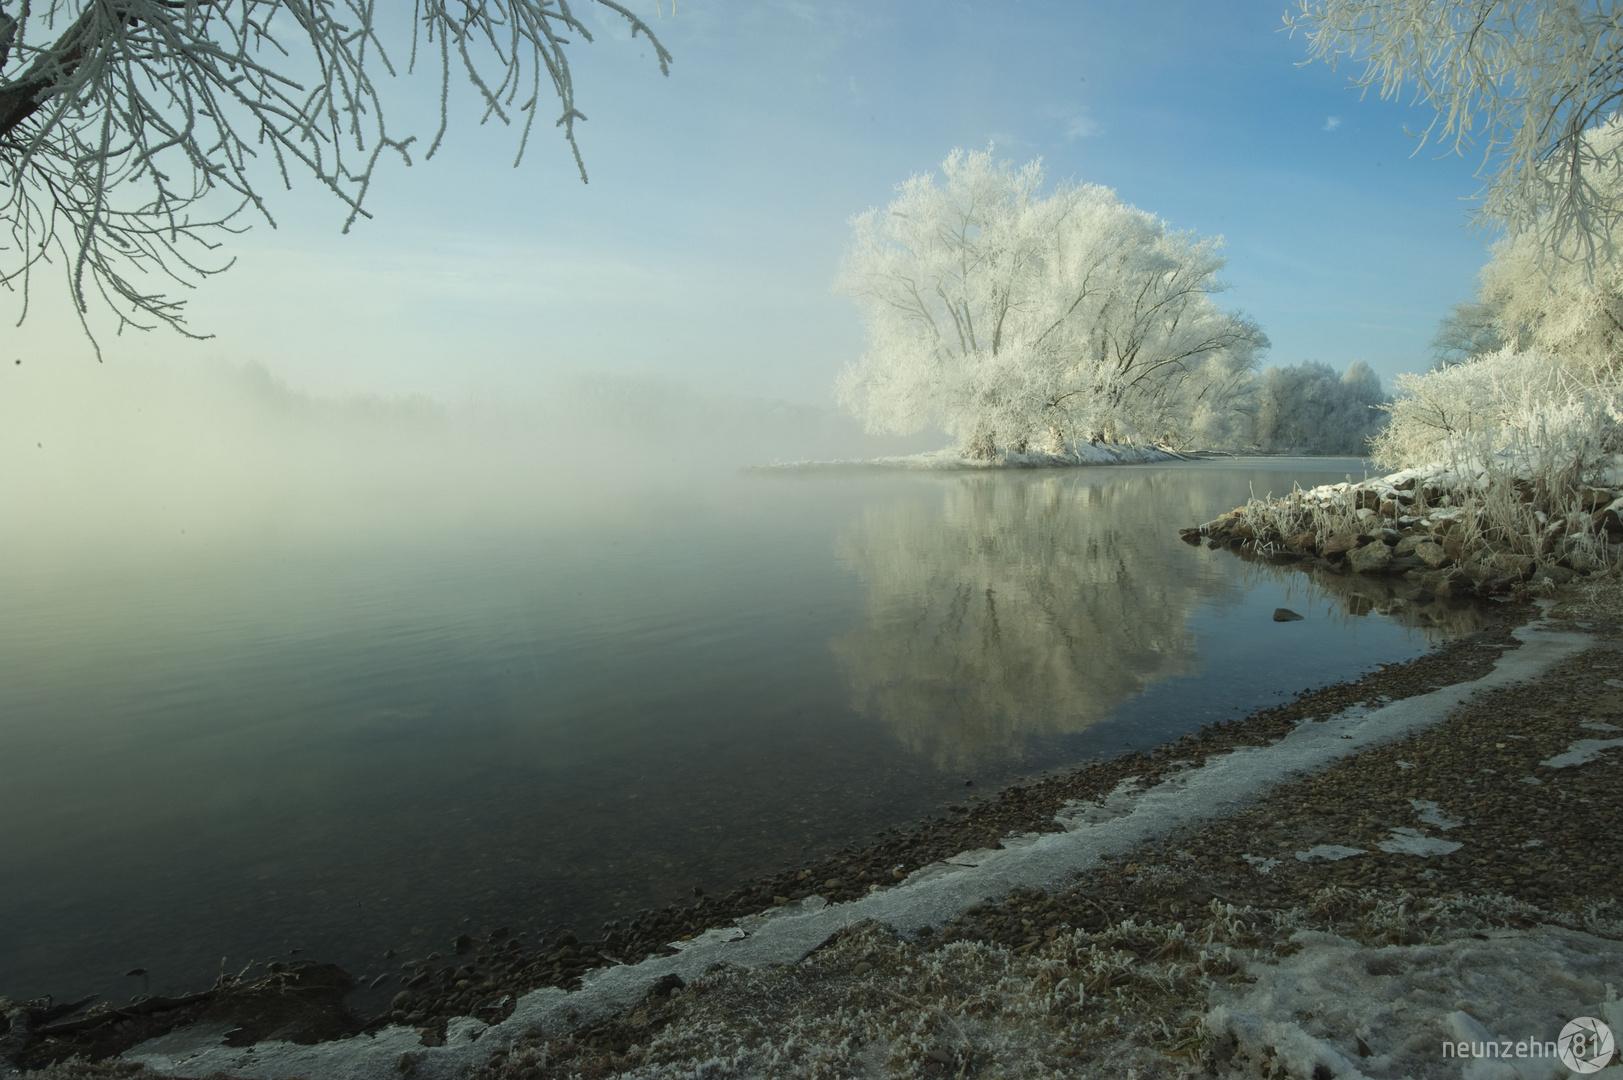 Am Ufer der Donau im Morgennebel II